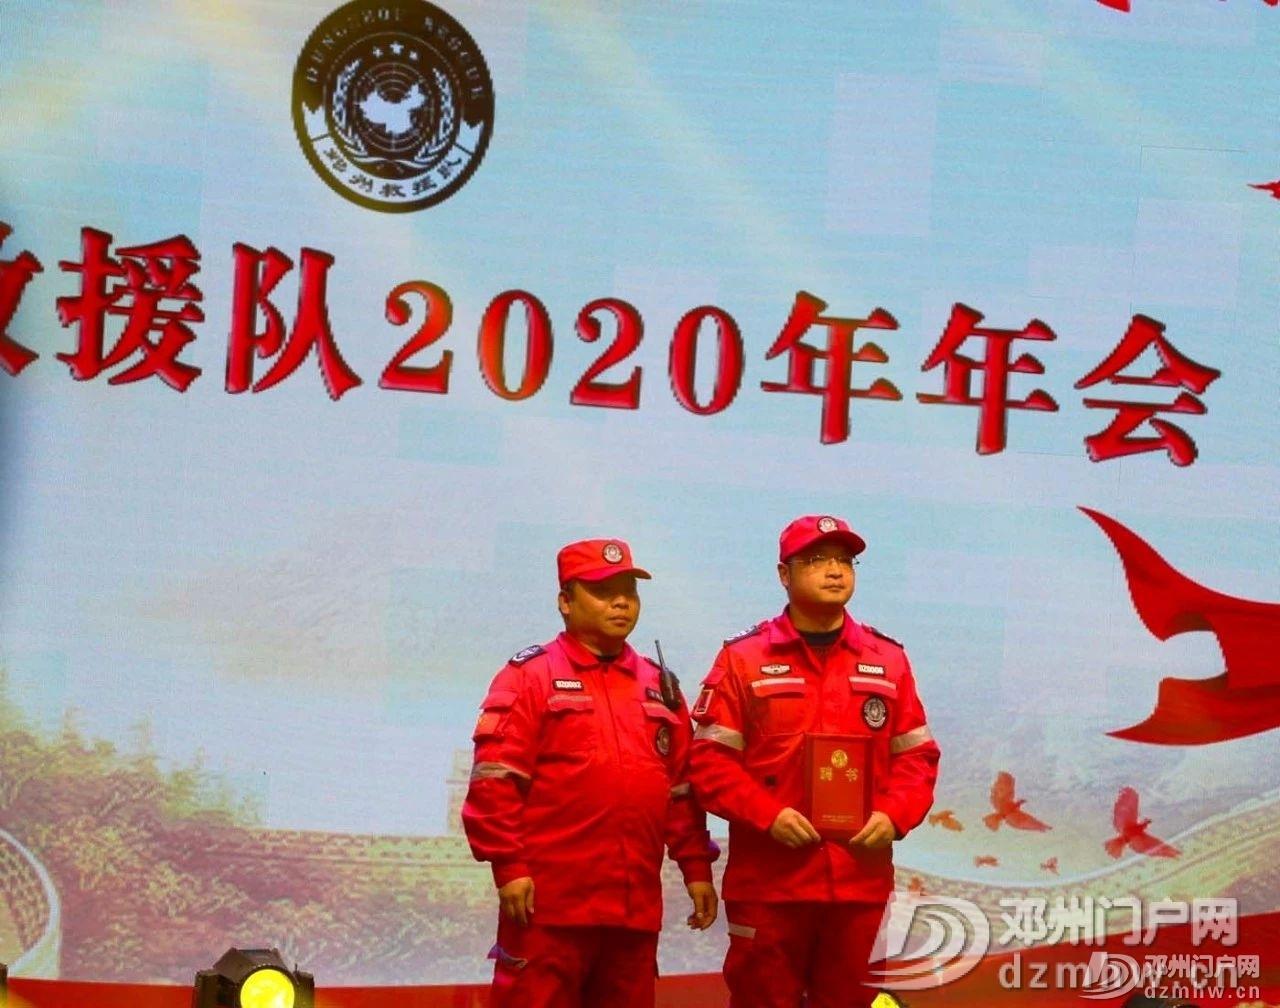 热烈庆祝邓州救援队2020年年会,圆满成功! - 邓州门户网|邓州网 - 117e04814aeecc681b251fbbf6488e00.jpg